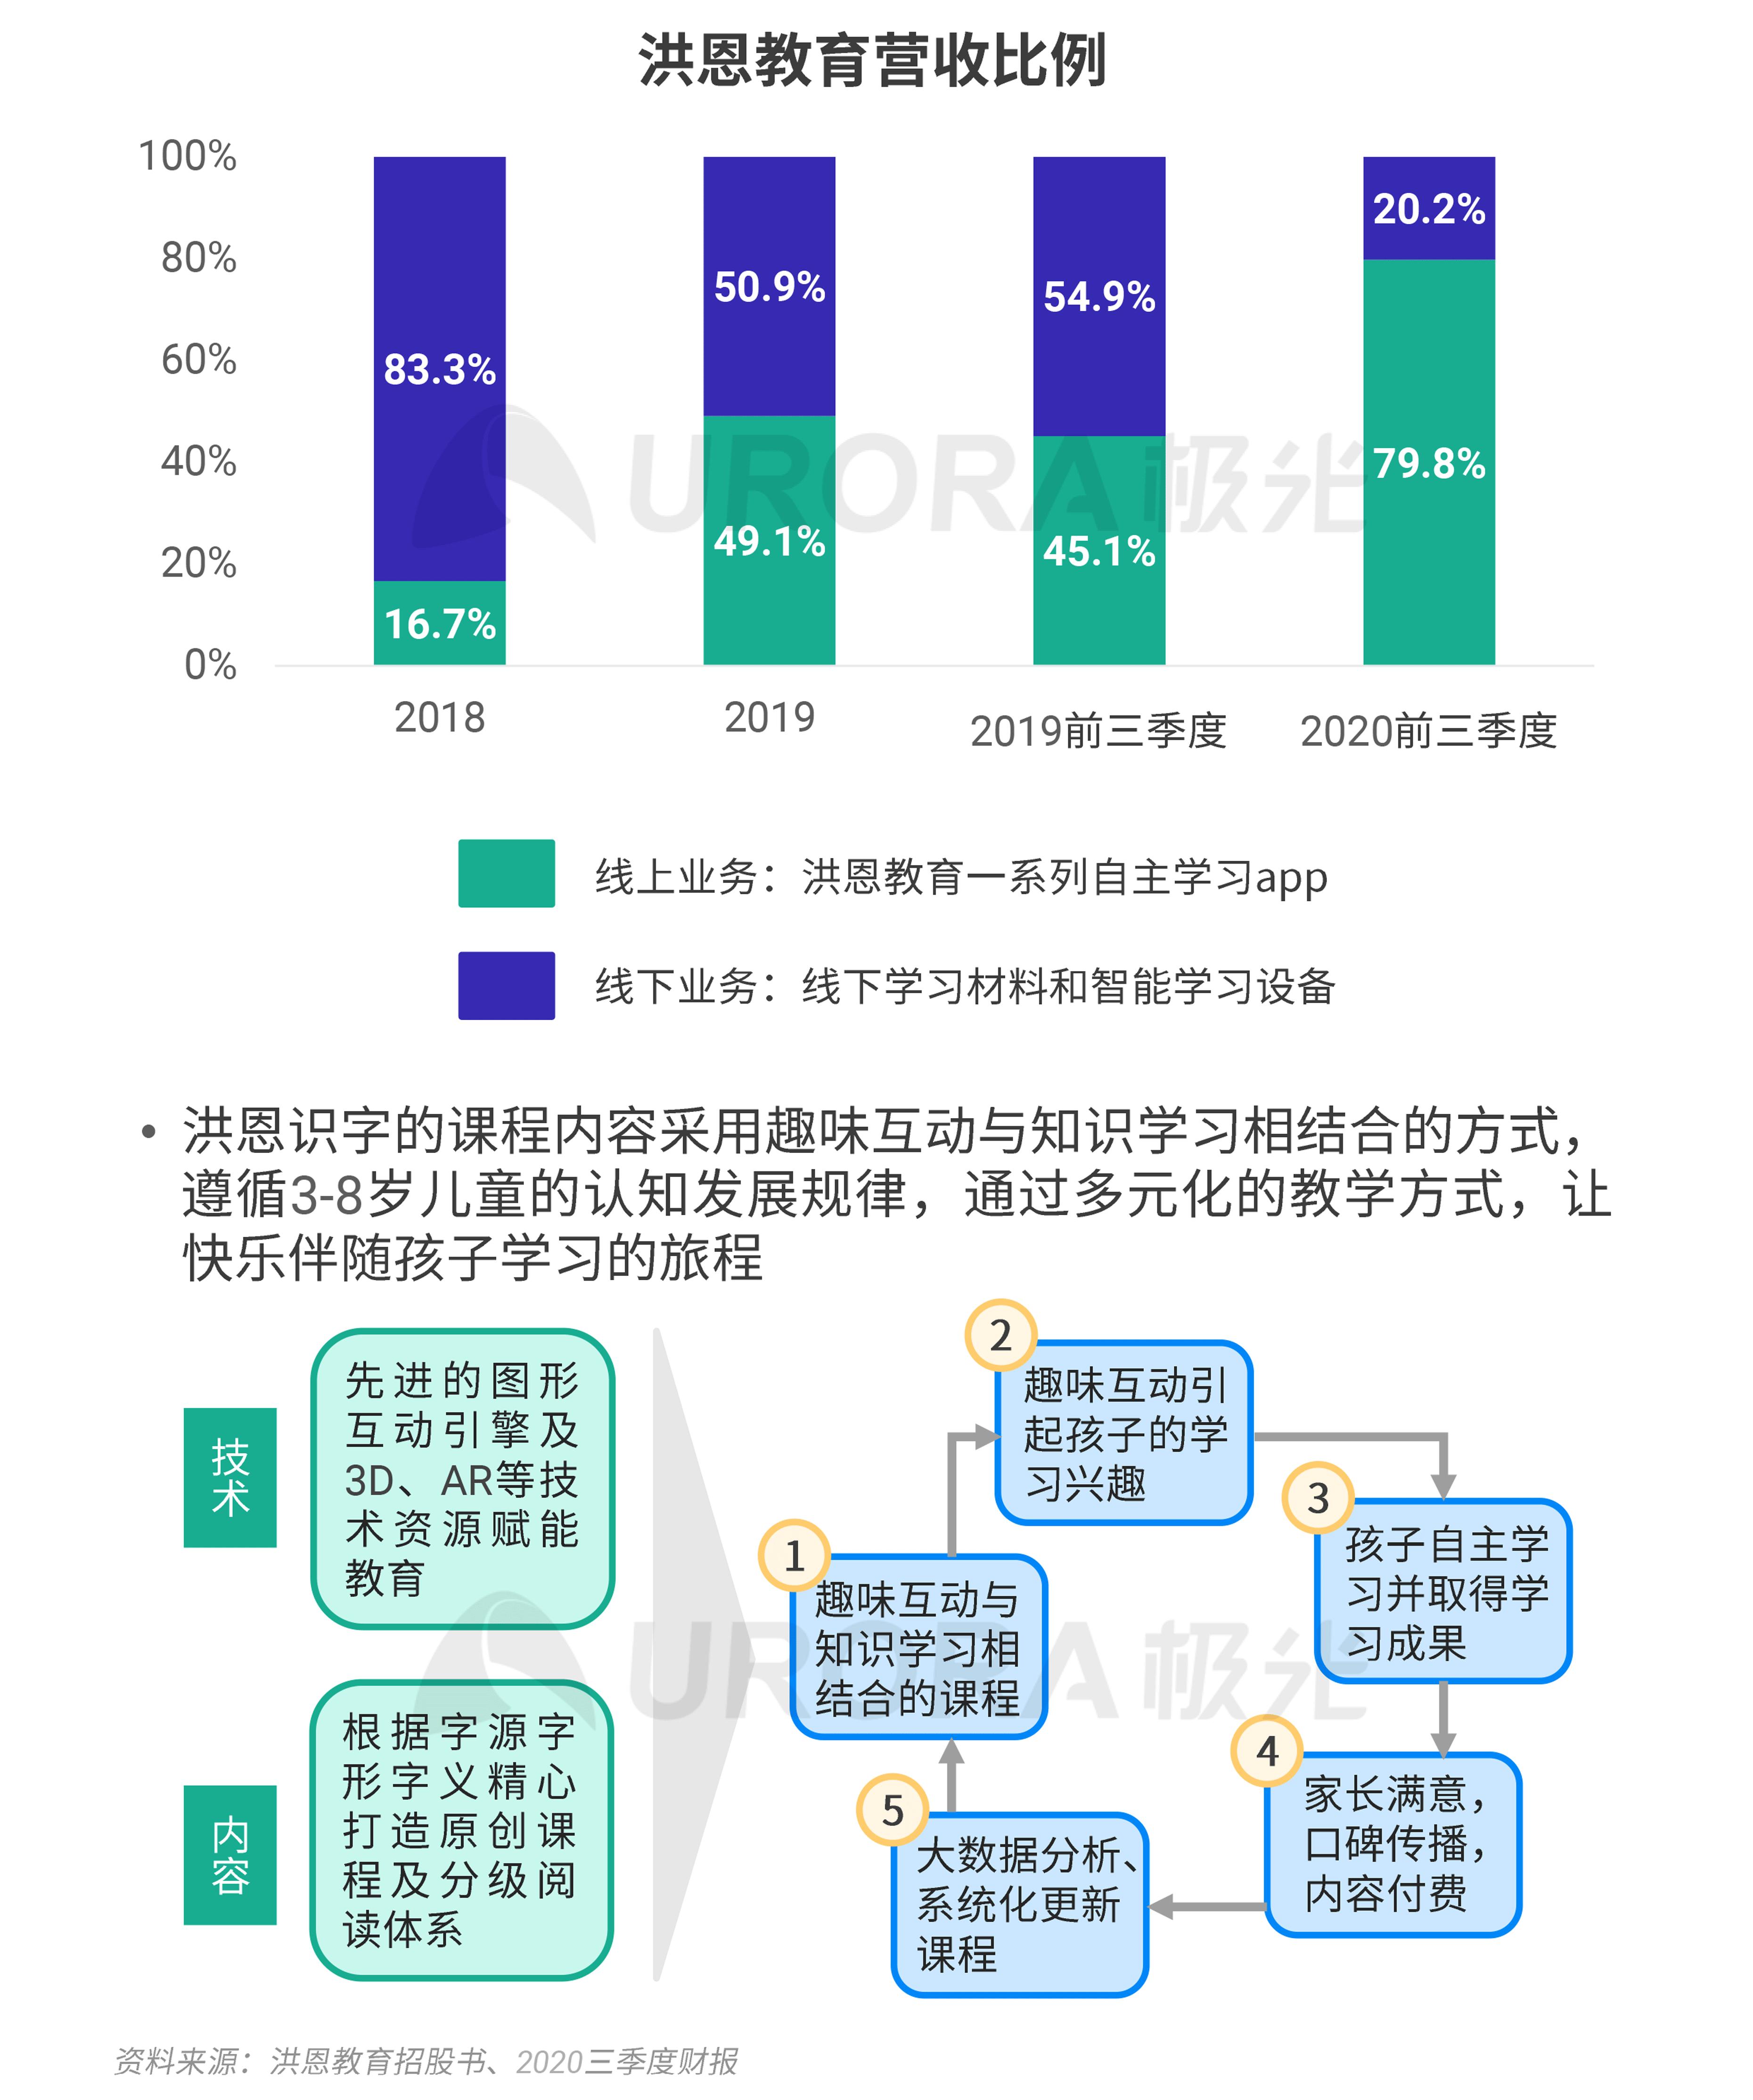 极光:2020年Q4移动互联网行业数据研究报告 (9).png